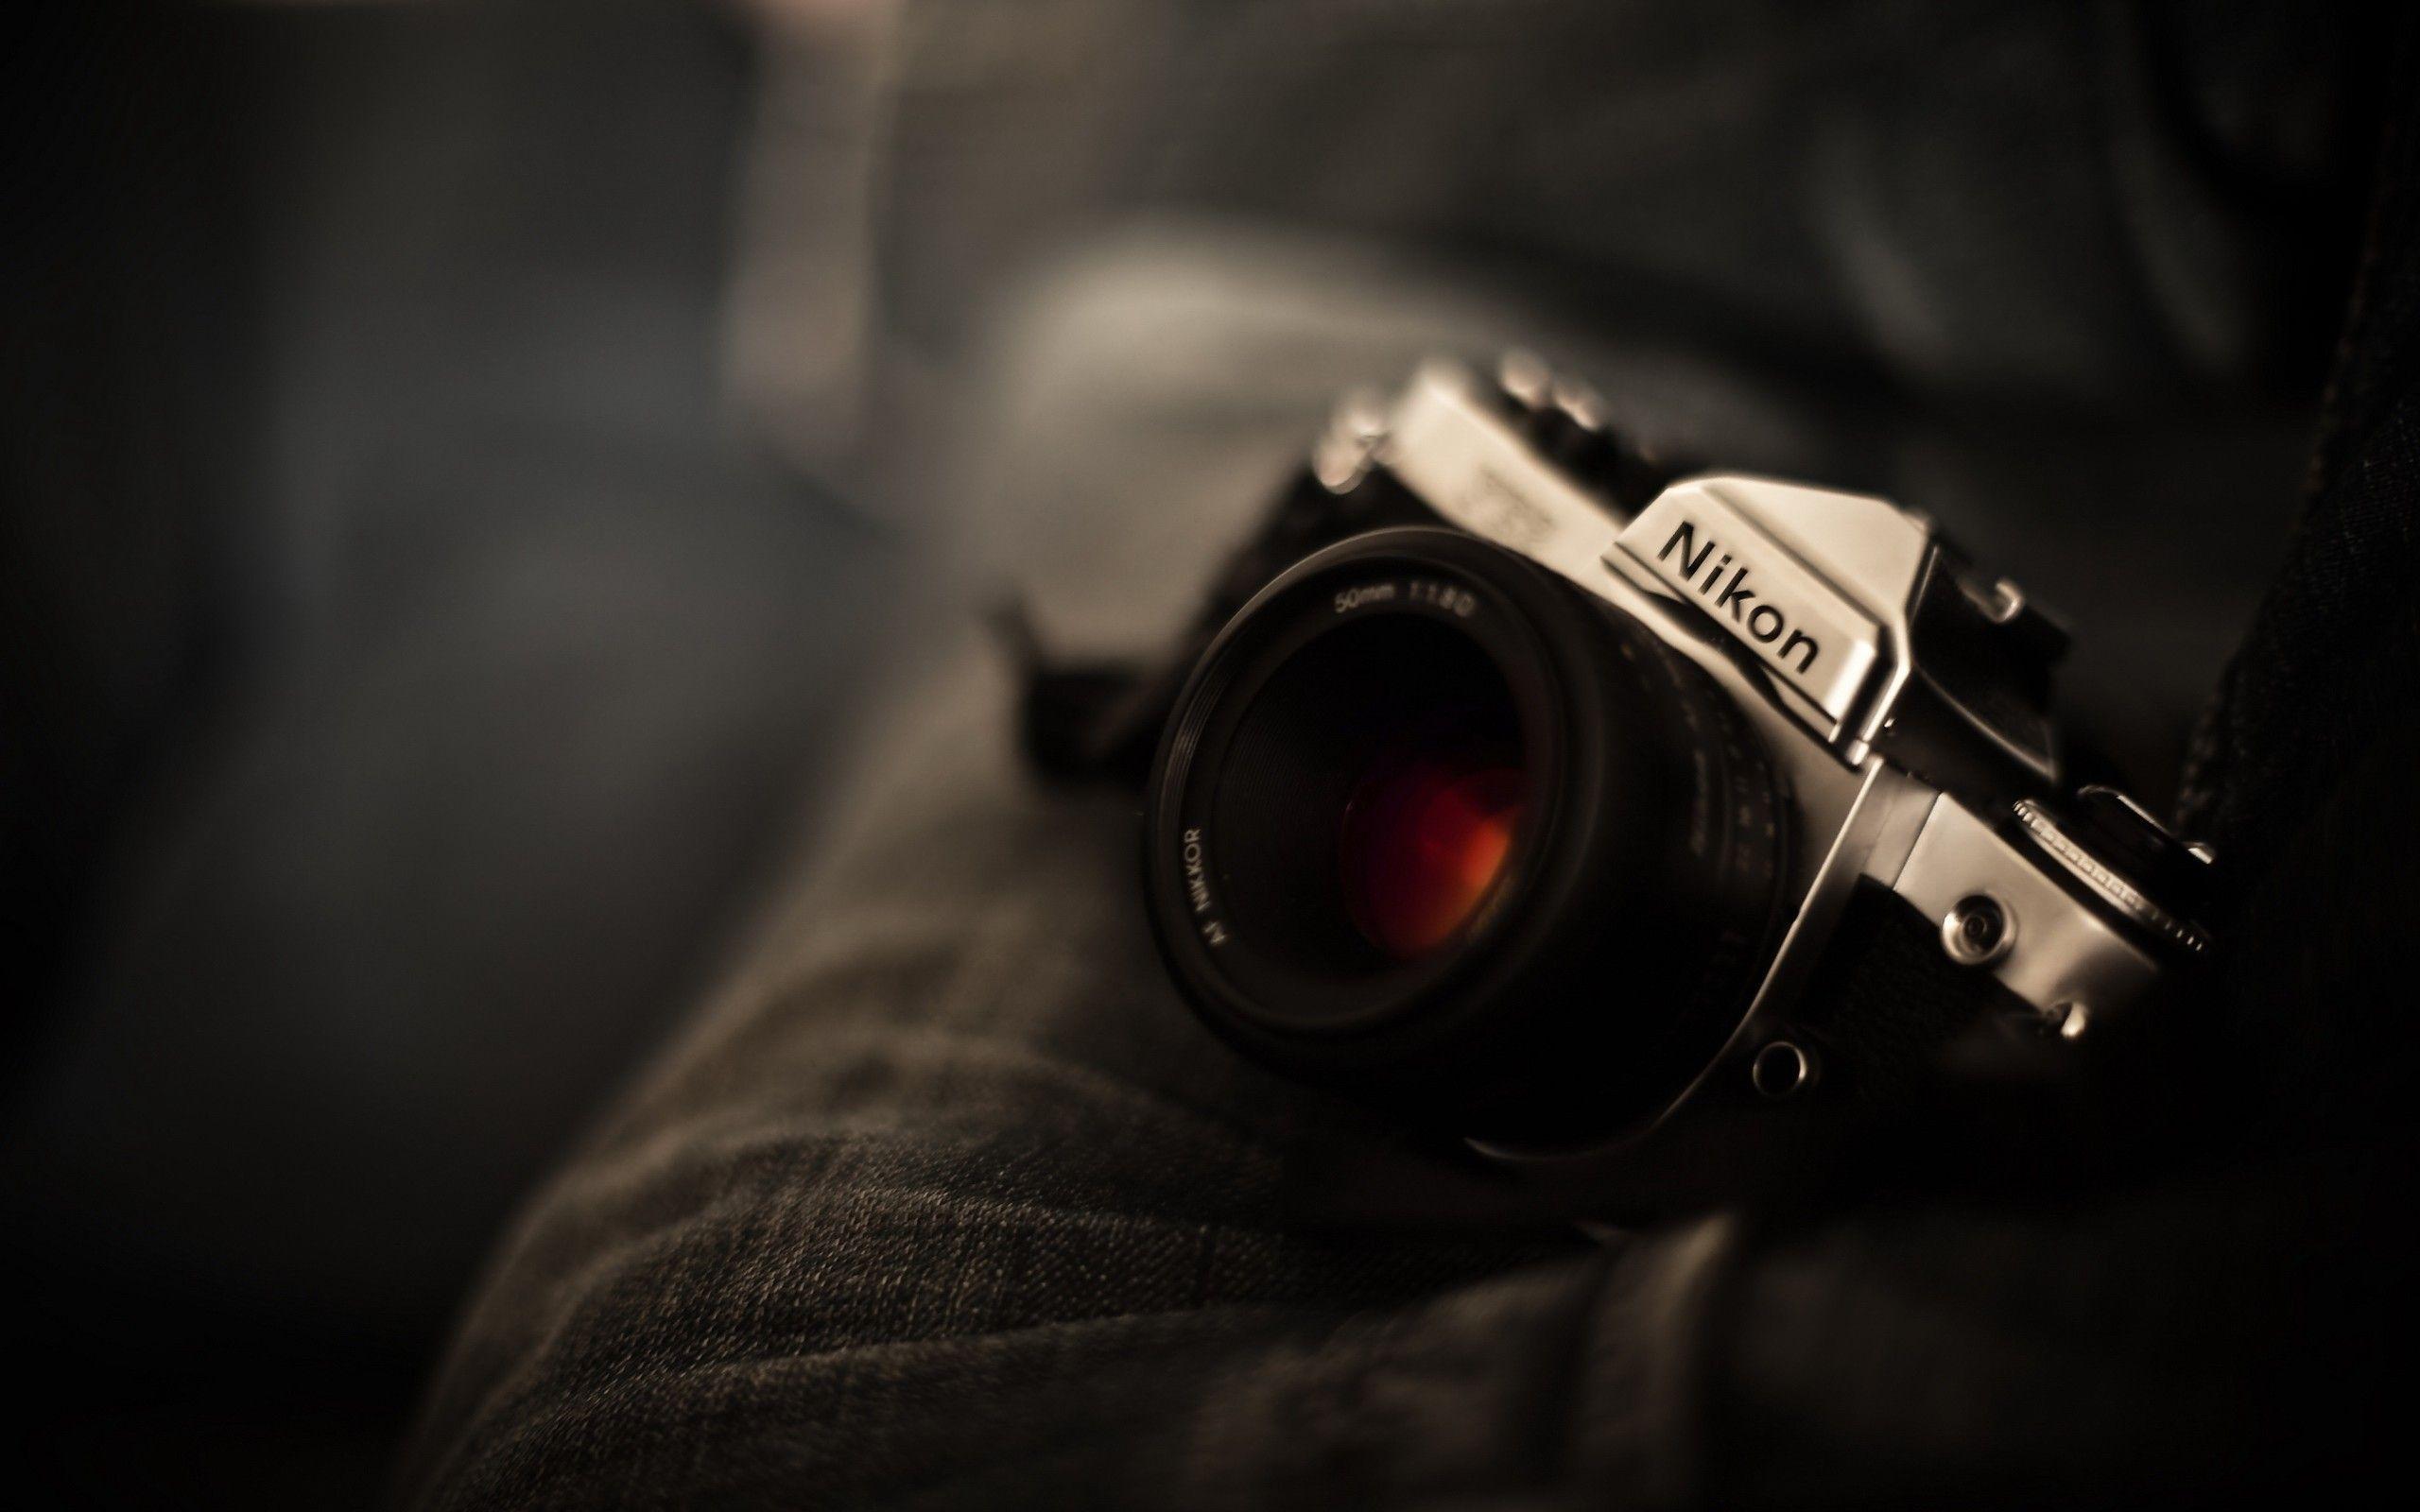 Technology Cameras Nikon Selective Coloring Analog Camera Wallpaper Camera Nikon Photography Camera